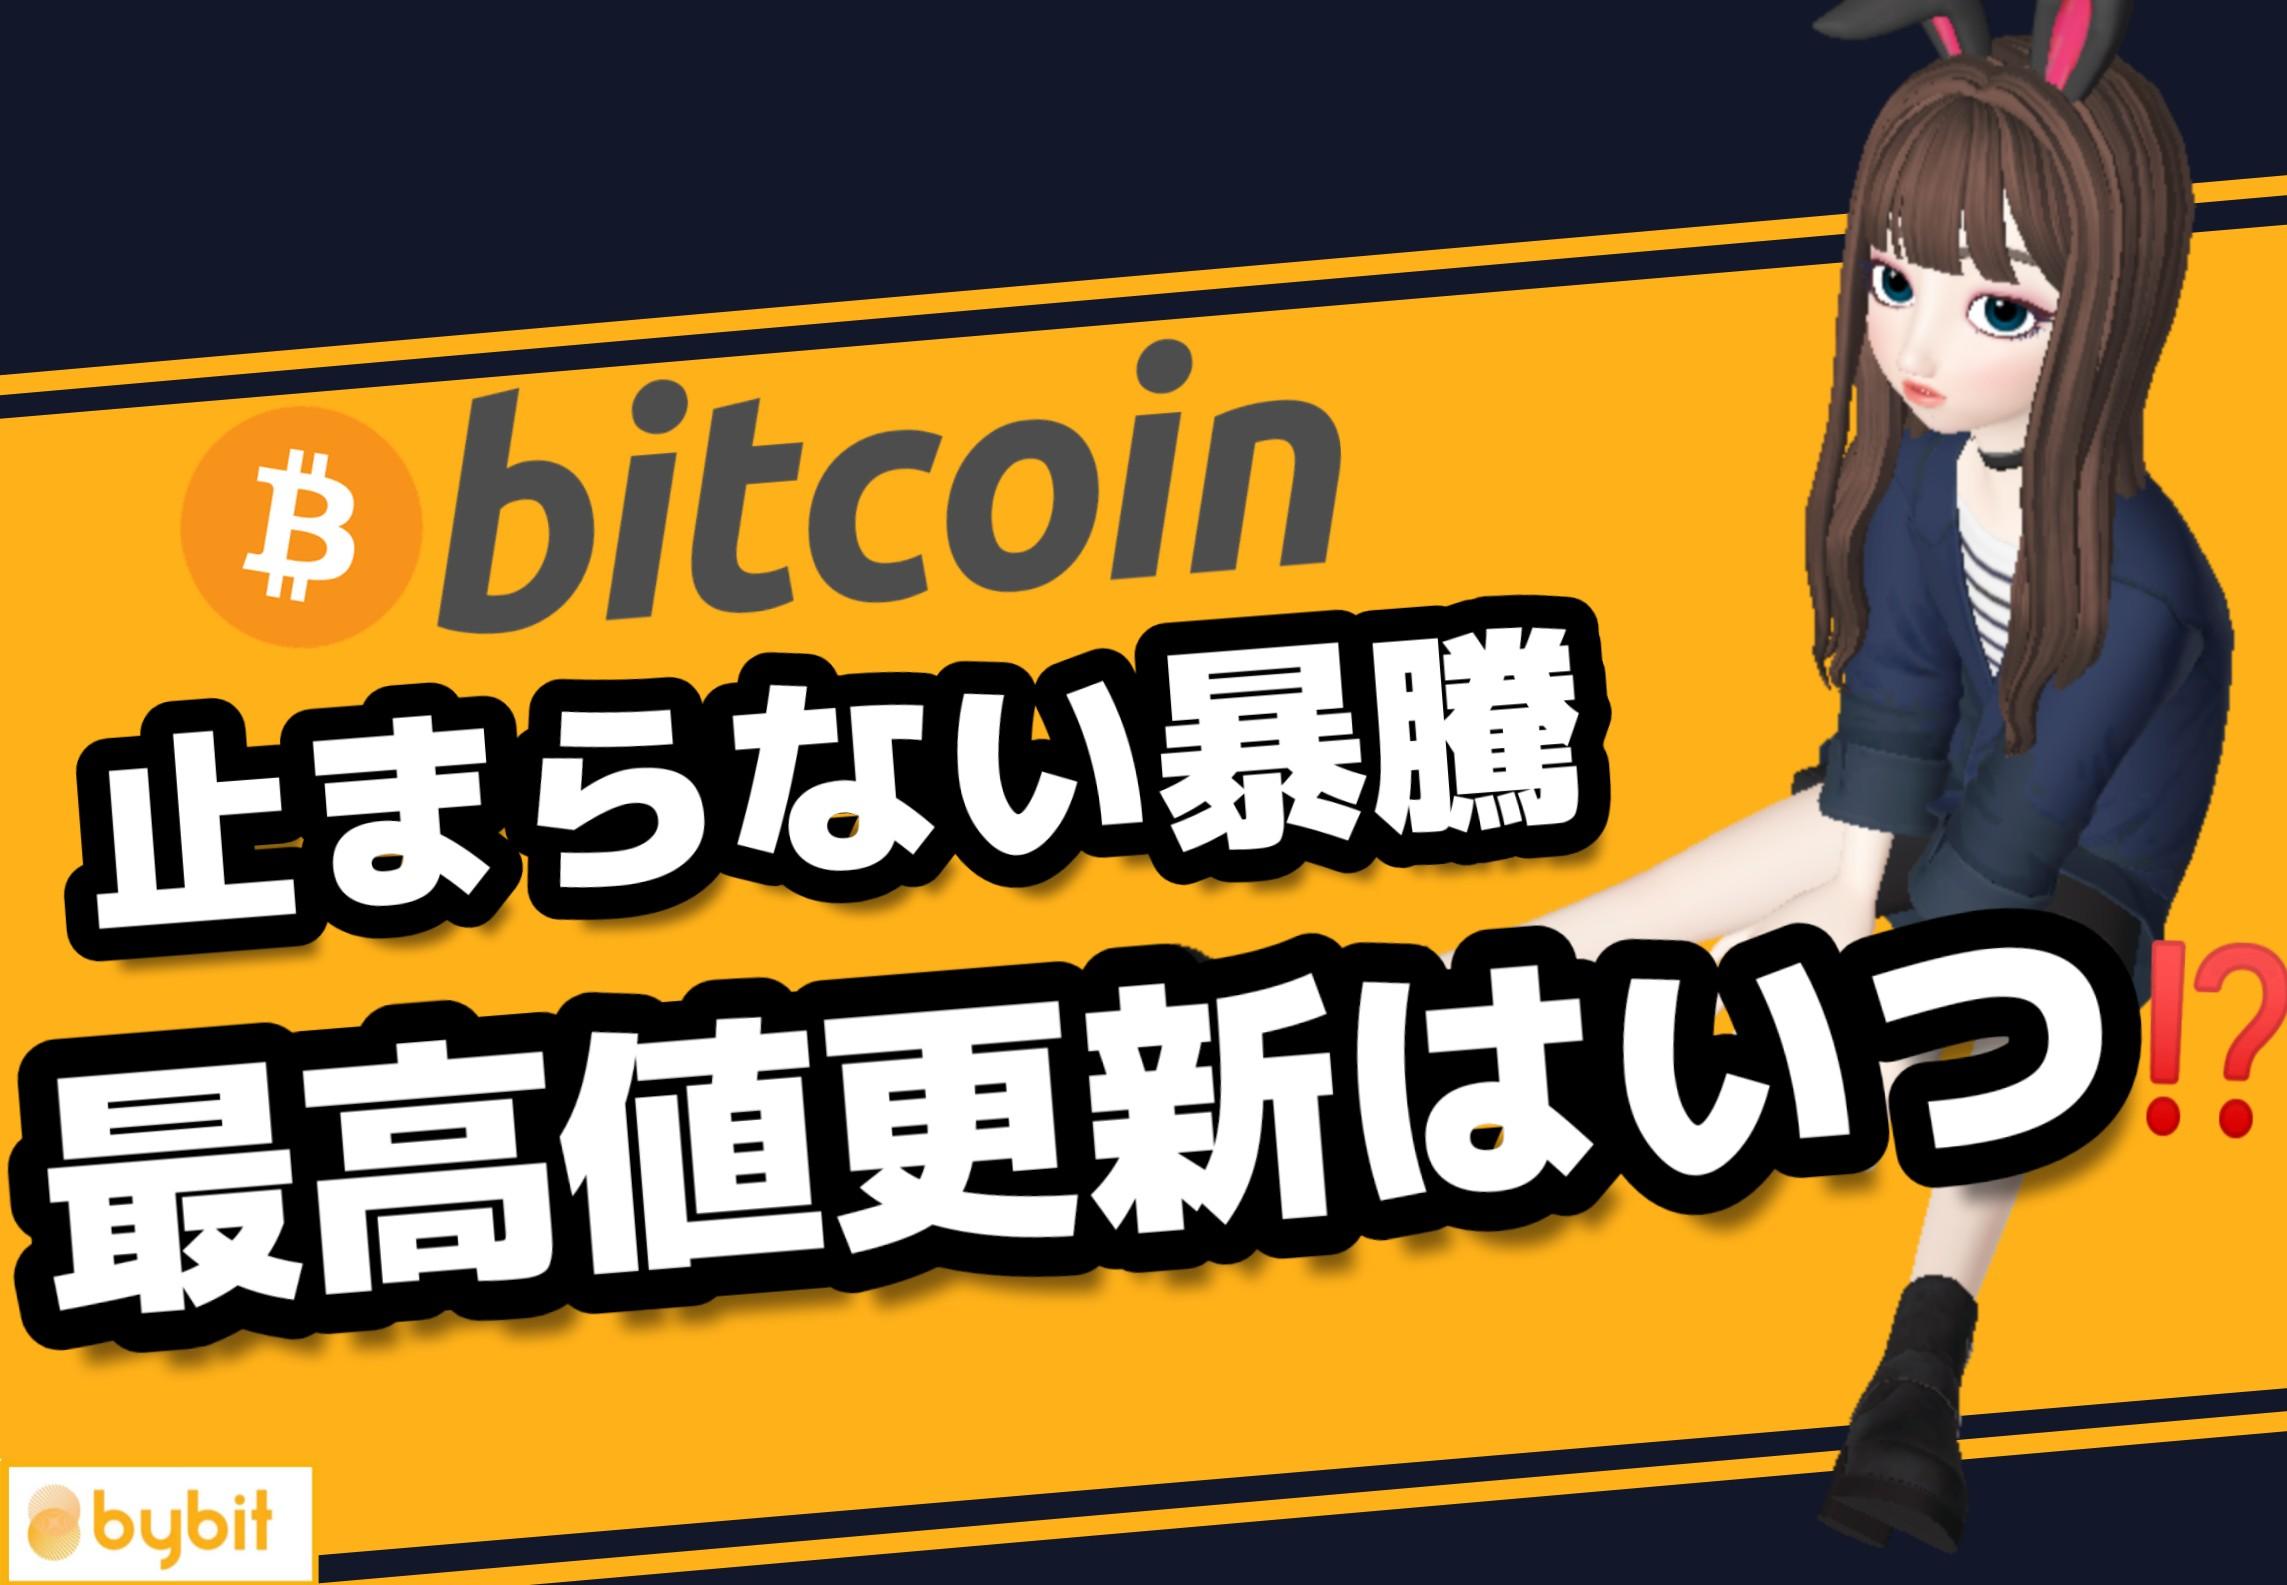 ビットコイン 高値更新 可能性